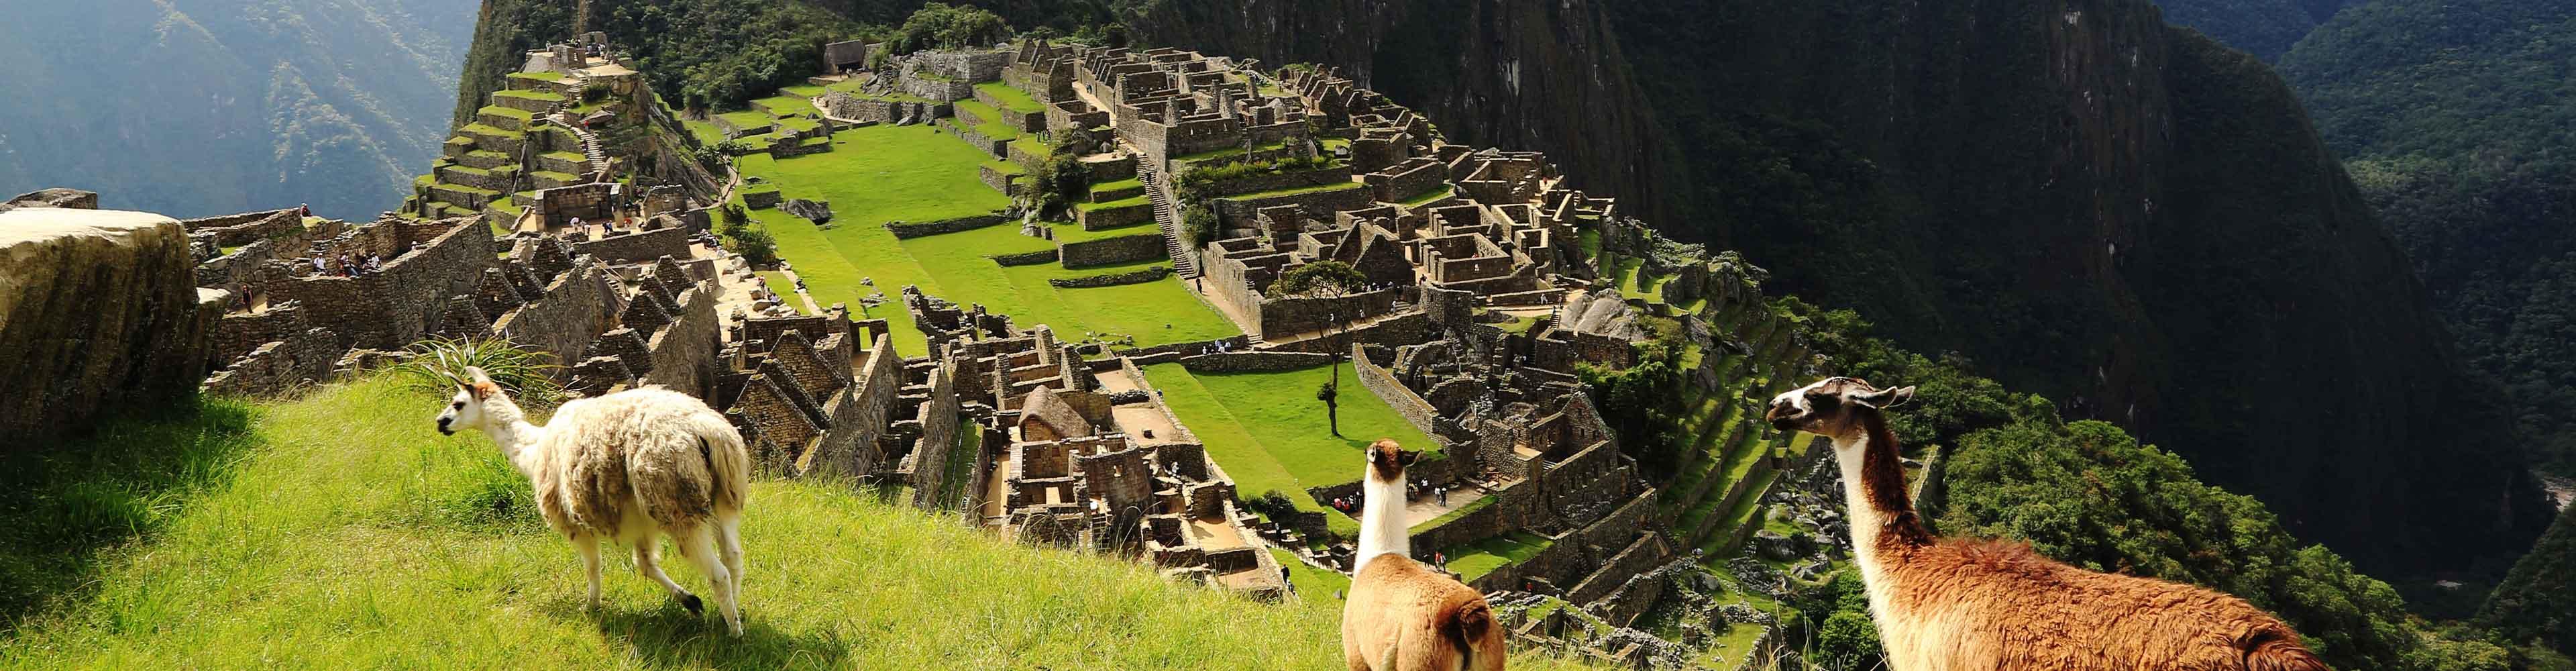 Machu Picchu Experience (Hiram Bingham train) – Independent